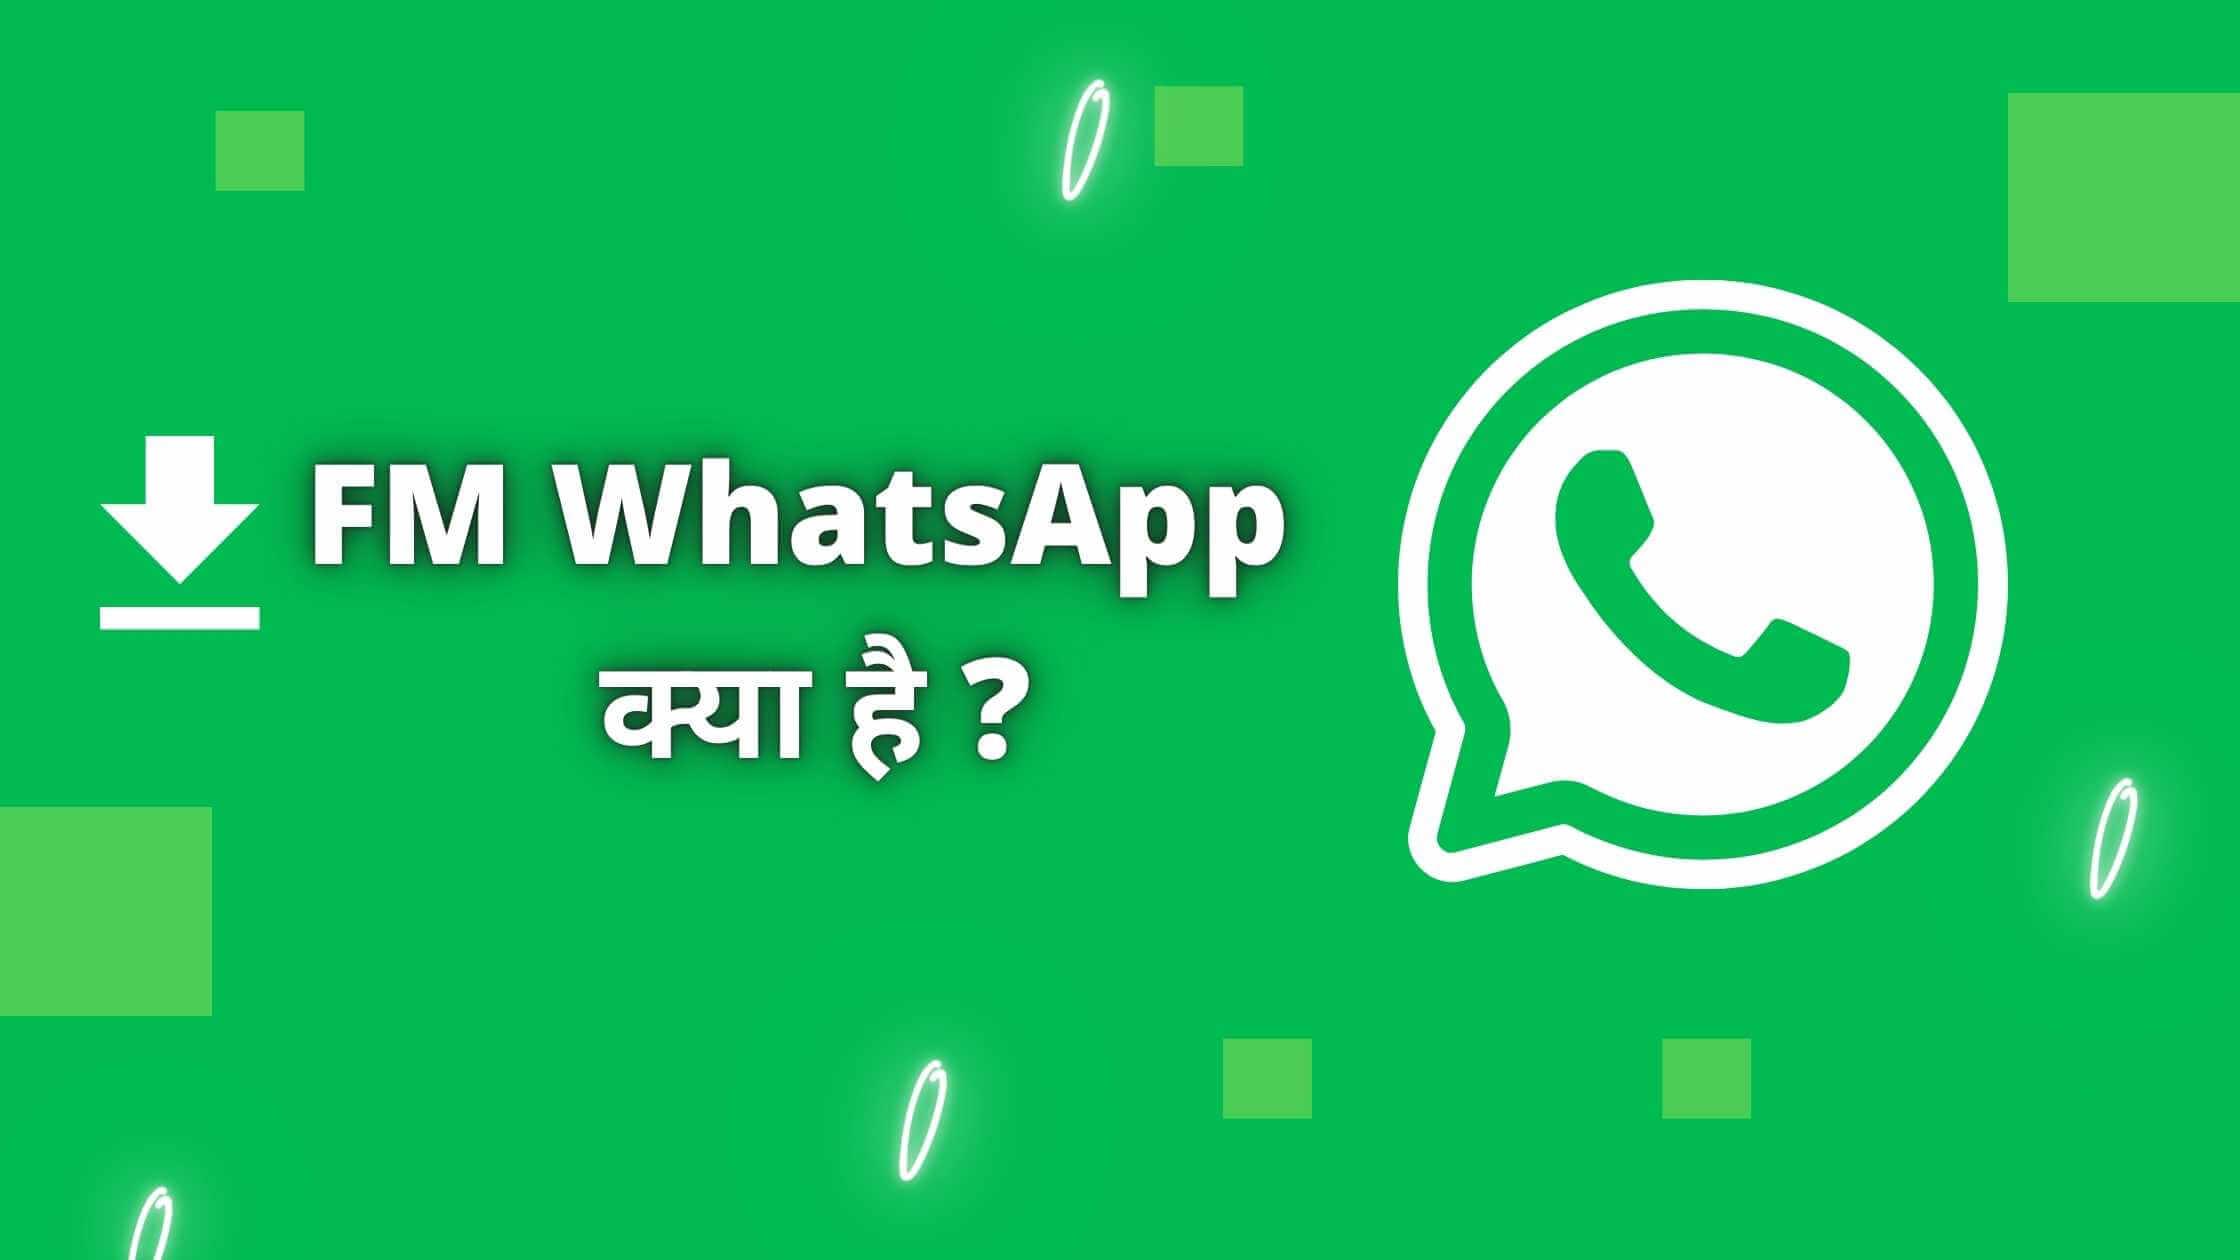 FM WhatsApp download Kaise Kare और FM WhatsApp Update Kaise करे